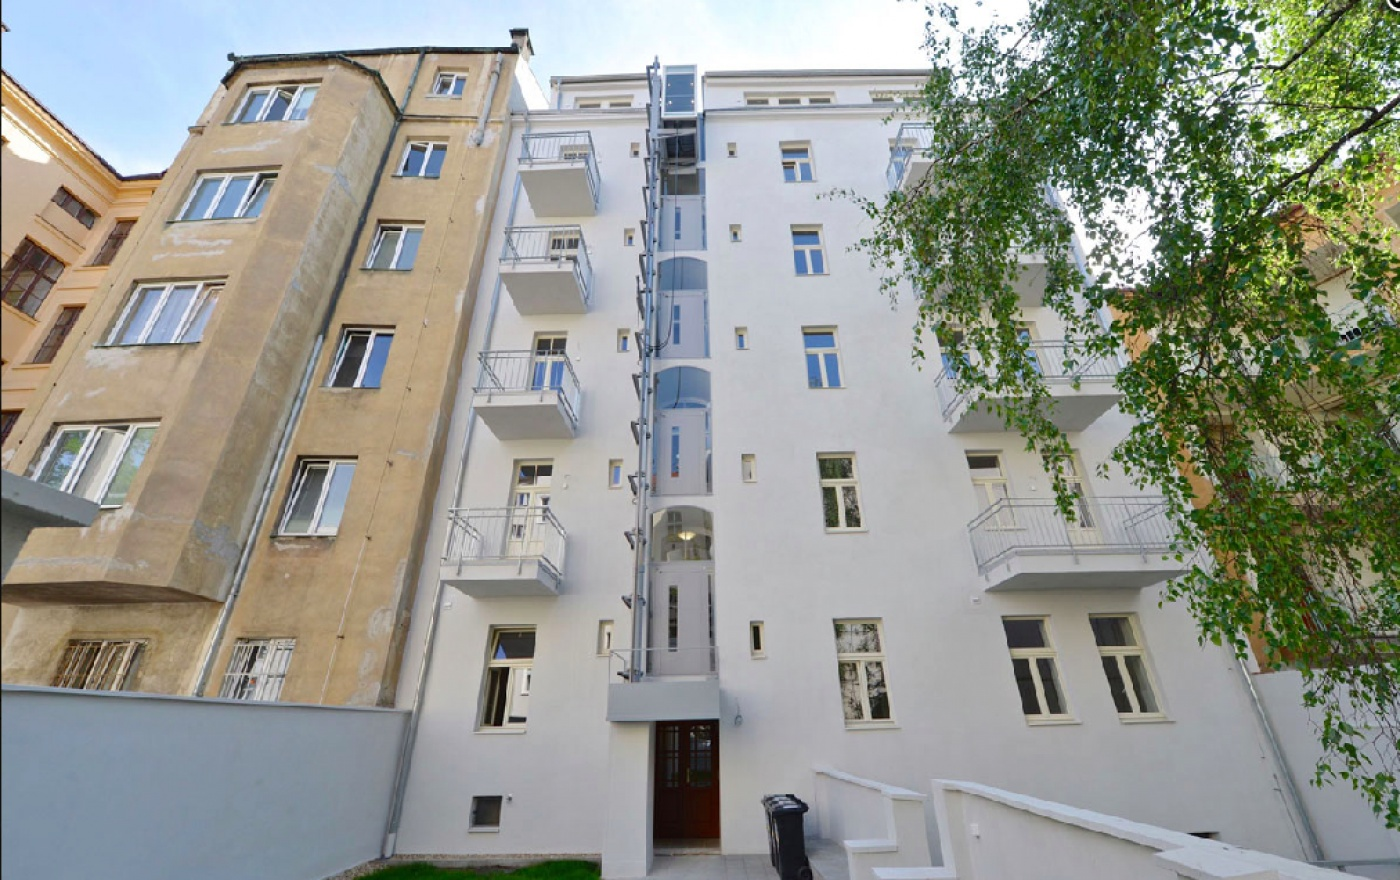 Půdní byt 3+kk, plocha 88 m², ulice Vratislavova, Praha 2 - Vyšehrad | 1